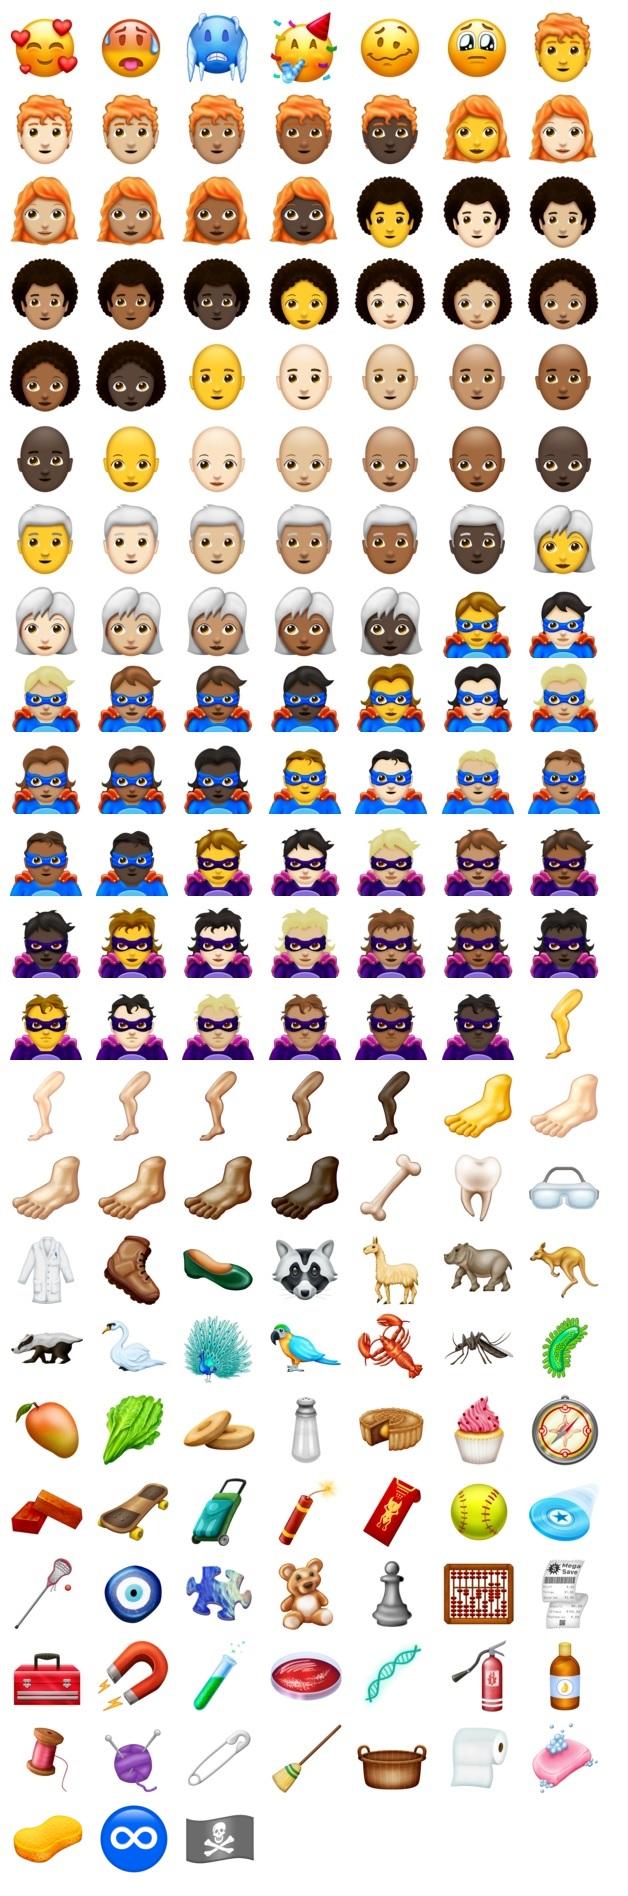 Nuevos emojis 2018 | Emojipedia